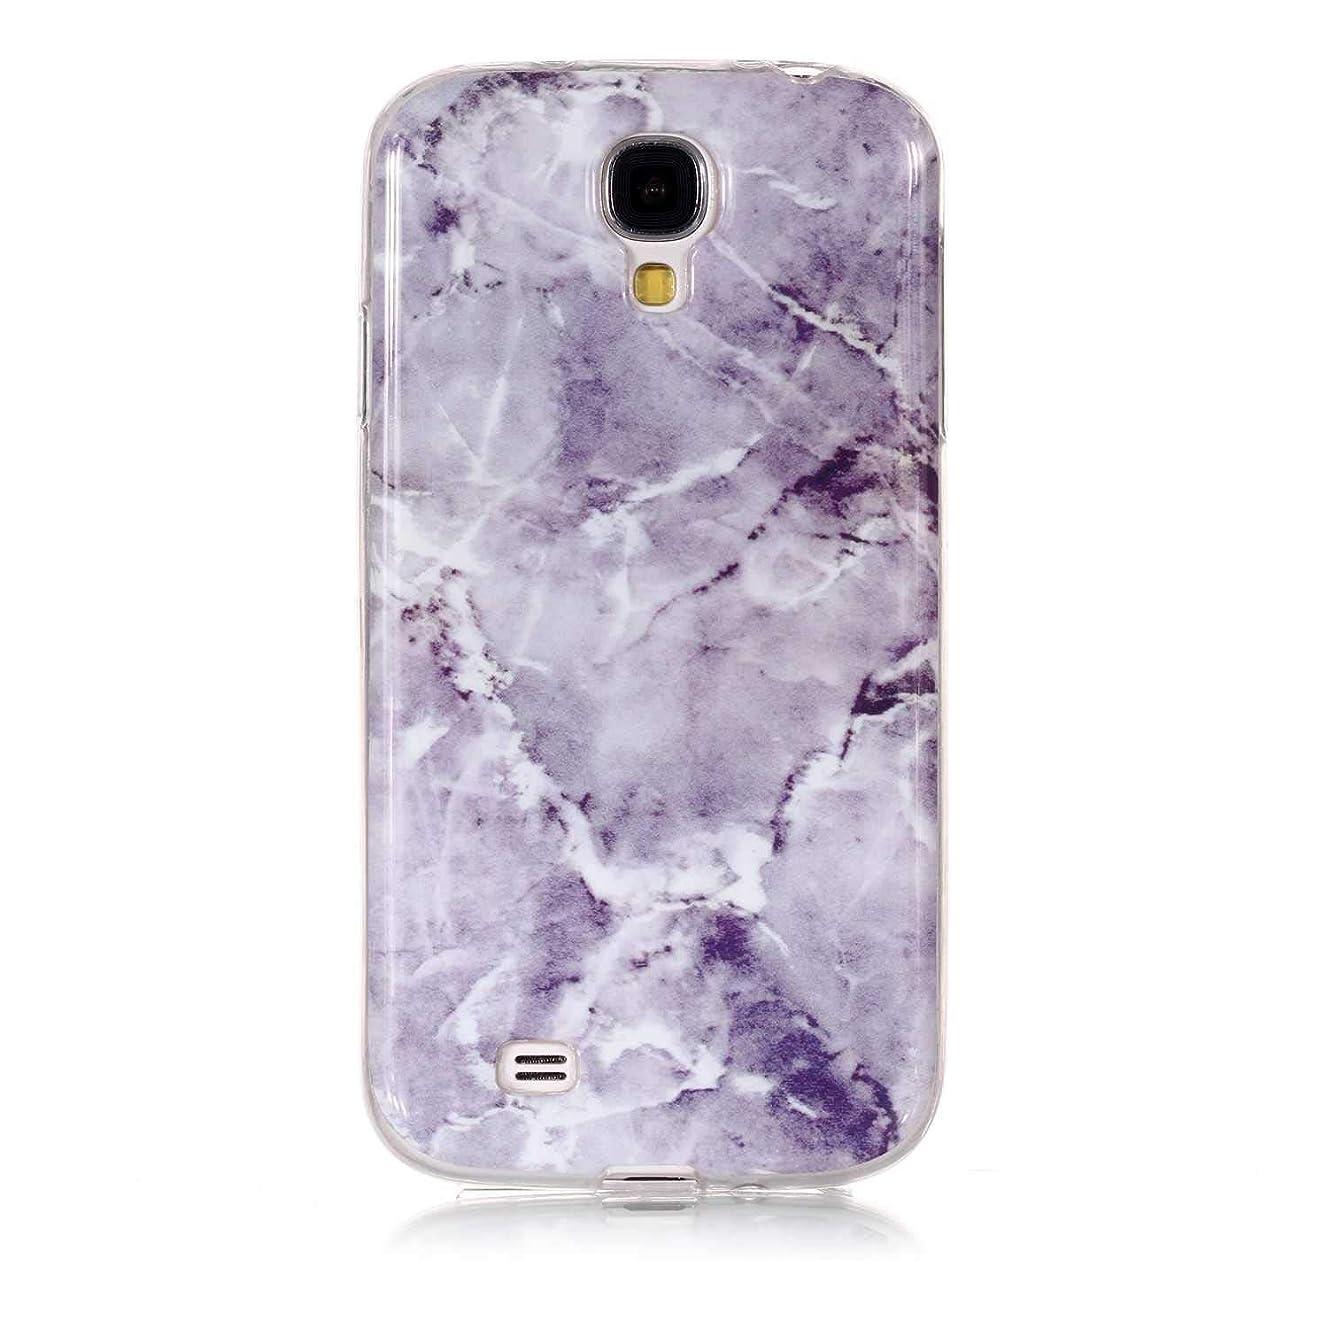 自発認証振り子Galaxy S4 おしゃれ ケース, 高級 CUNUS Samsung Galaxy S4 軽量 カバー, TPU 落下防止 耐久性 耐摩擦 耐汚れ 保護カバー, 模様4